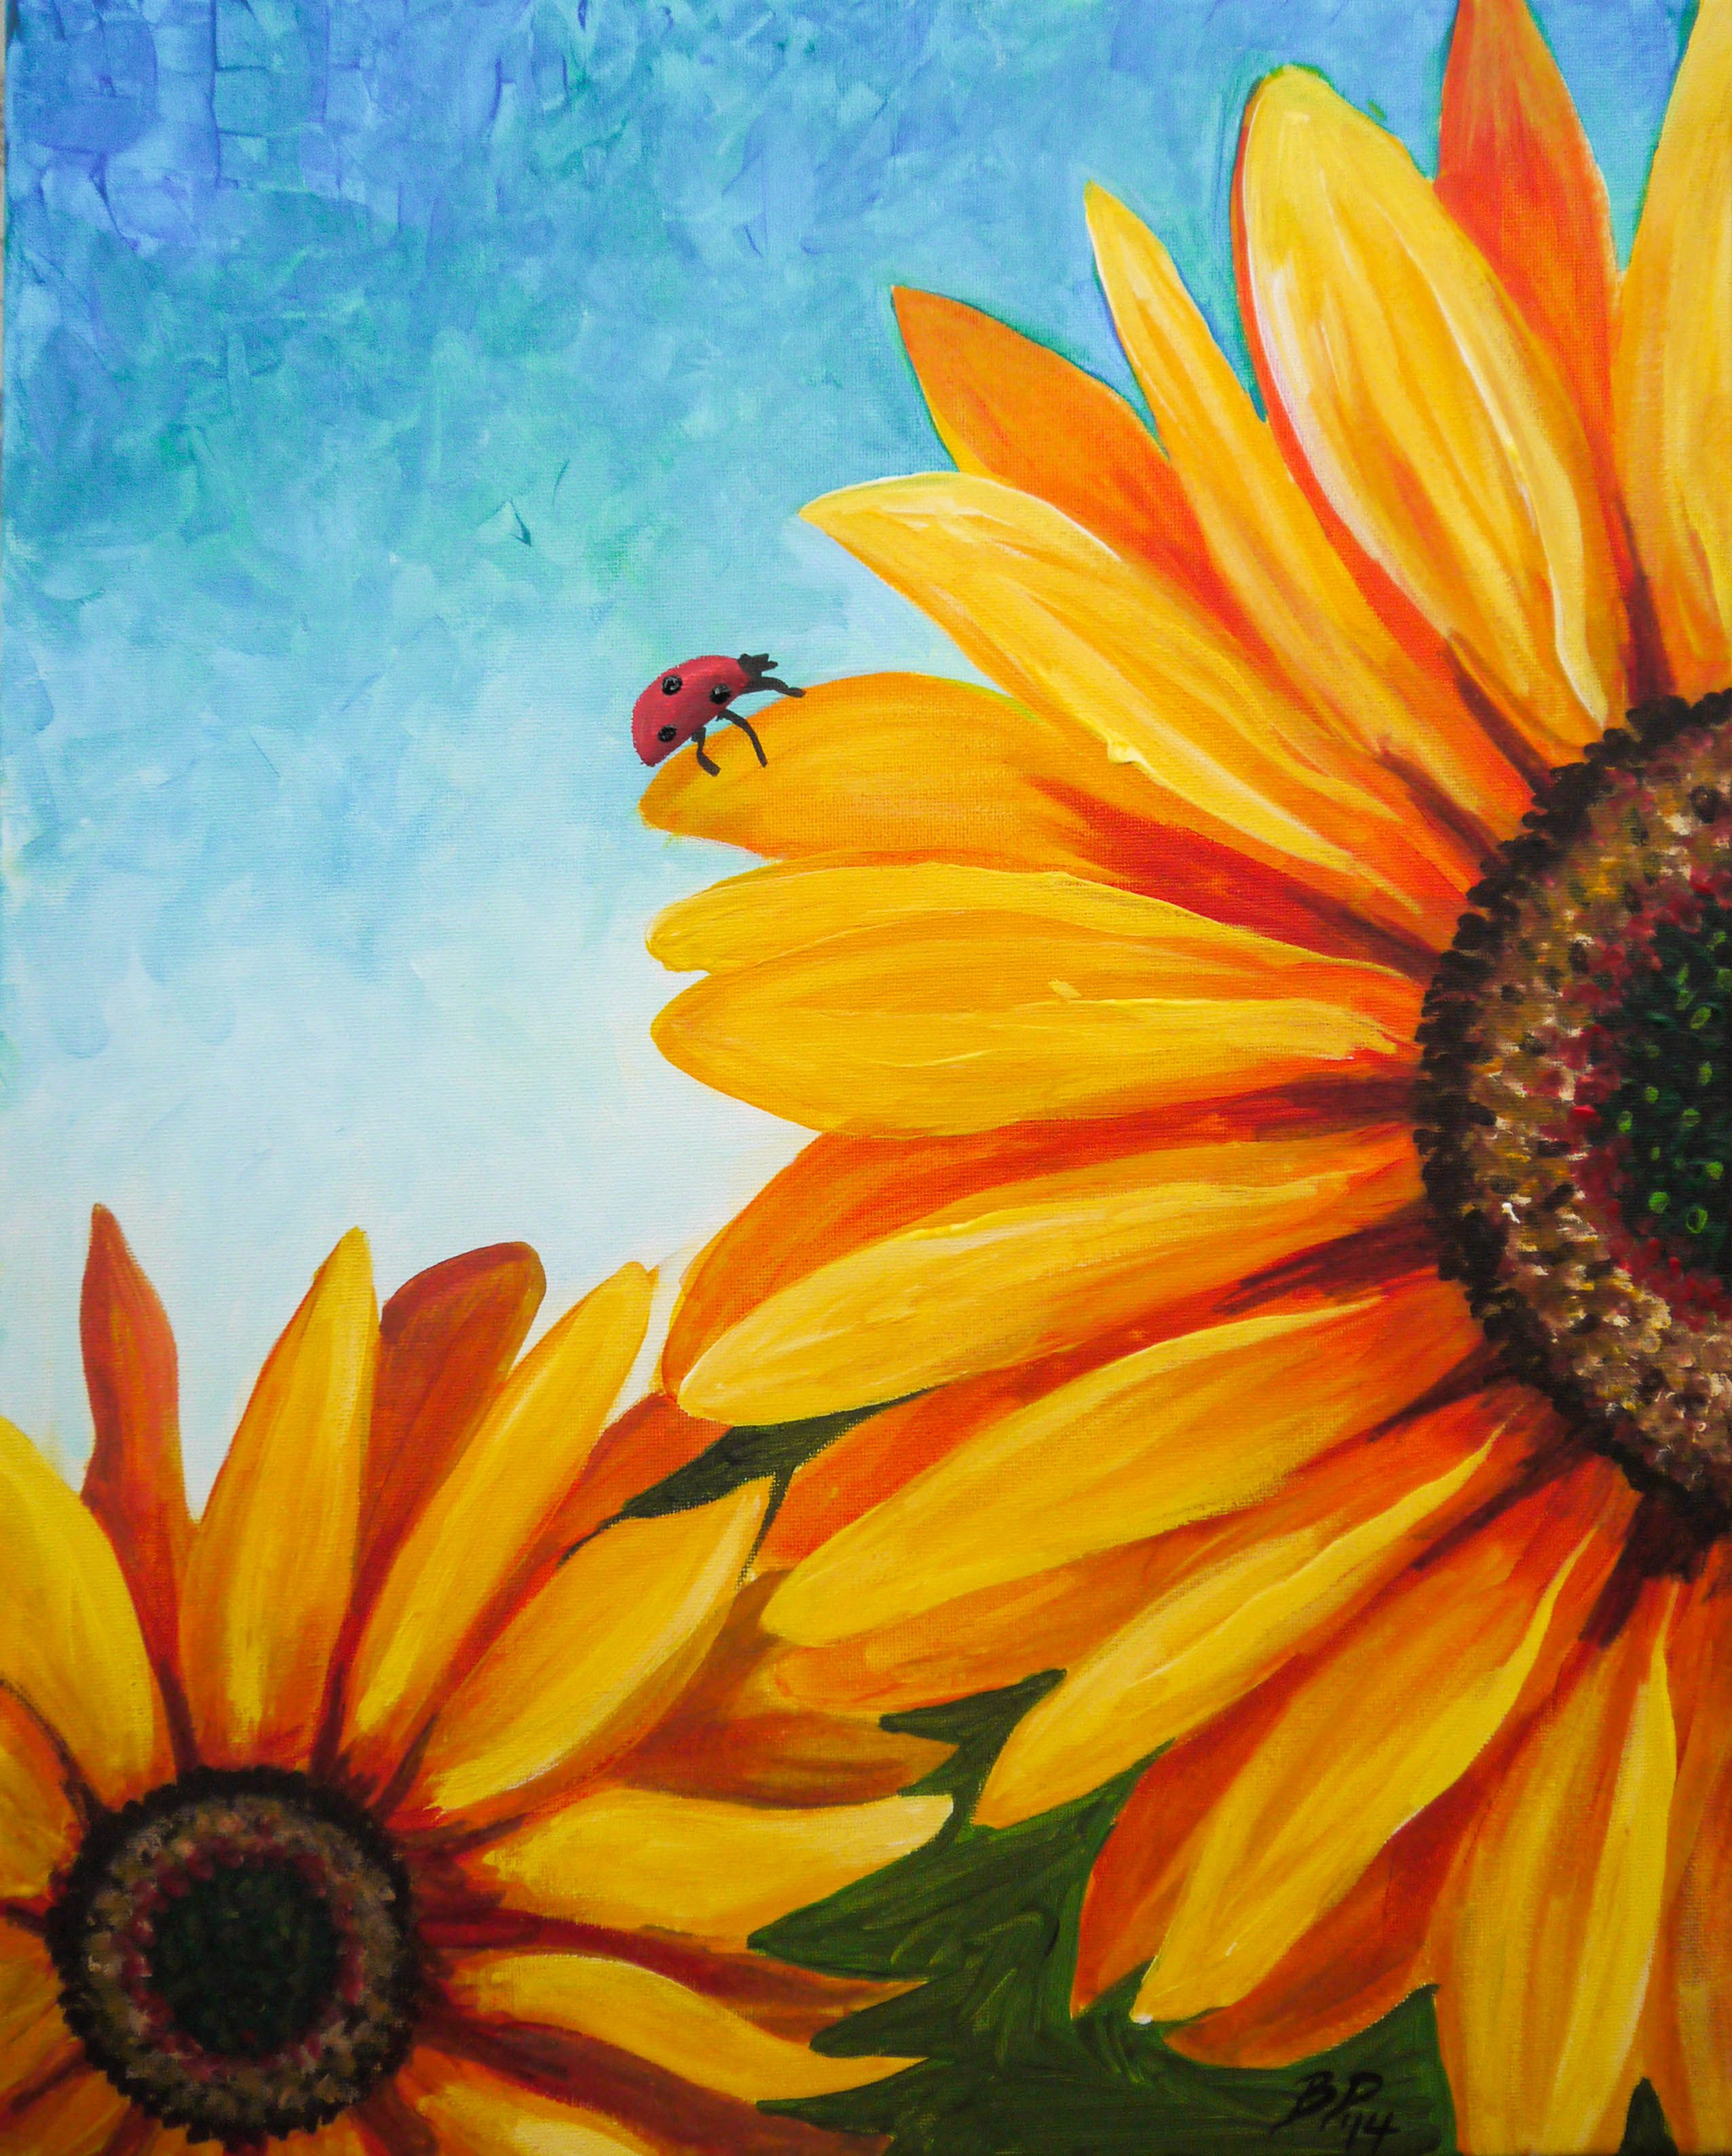 Hình ảnh tranh vẽ bông hoa Hướng Dương